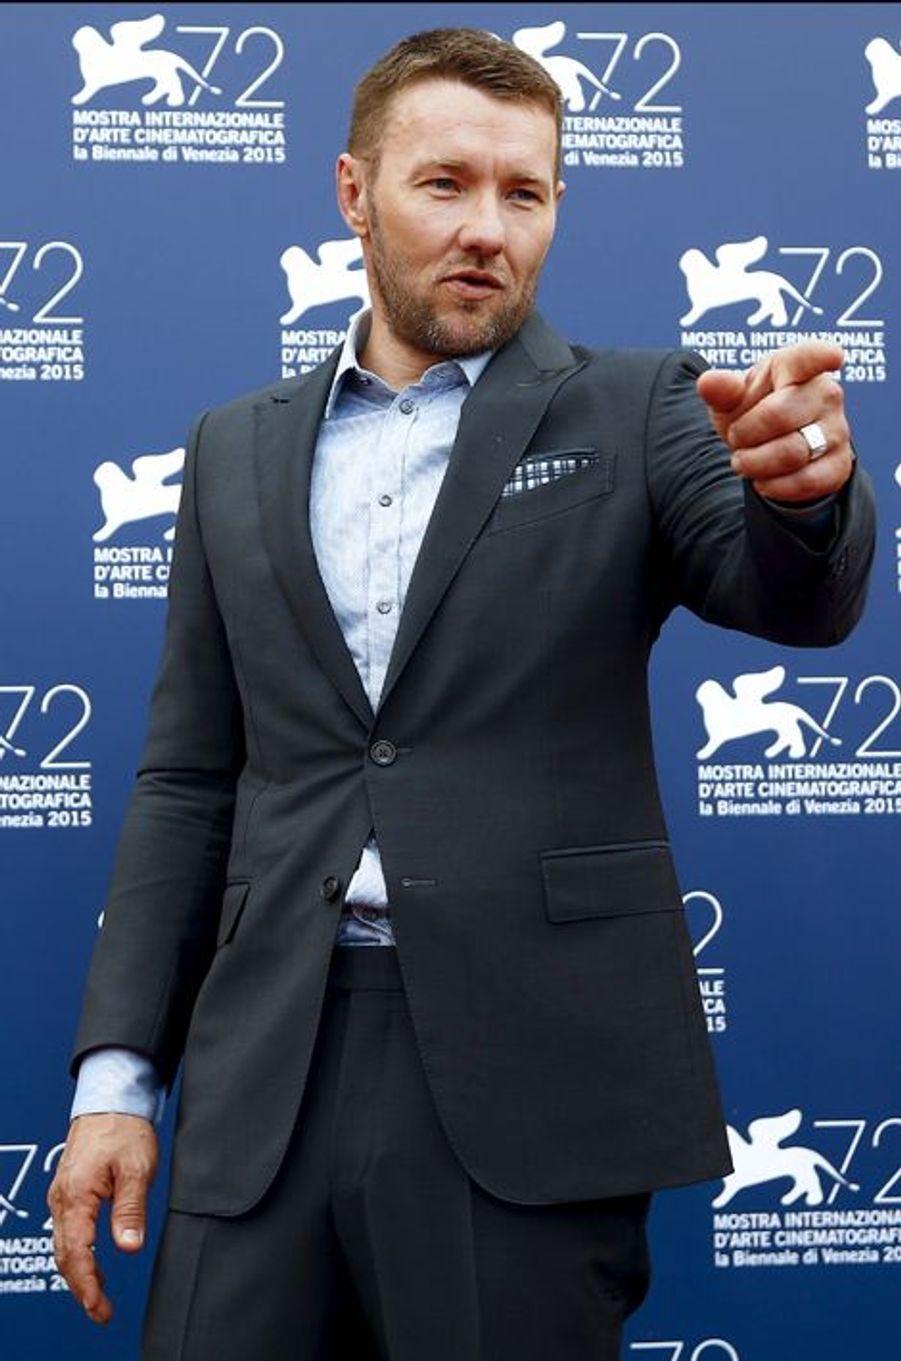 Vendredi 4 septembre : Joel Edgerton arrive à la 72ème édition du festival international du film de Venise.